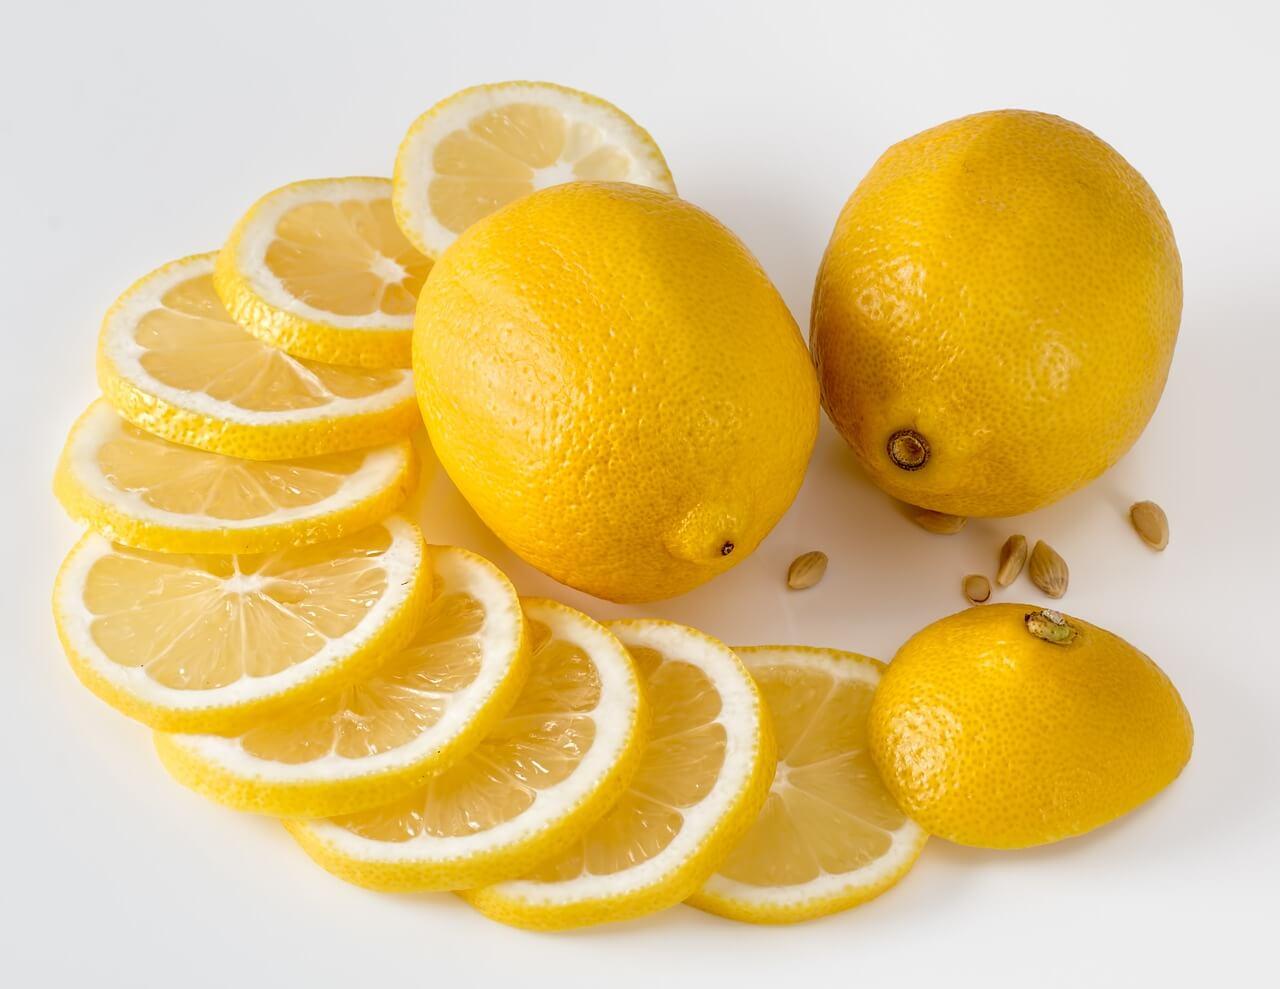 ماسك الليمون لتفتيح المناطق الحساسة - اسباب الأسمرار